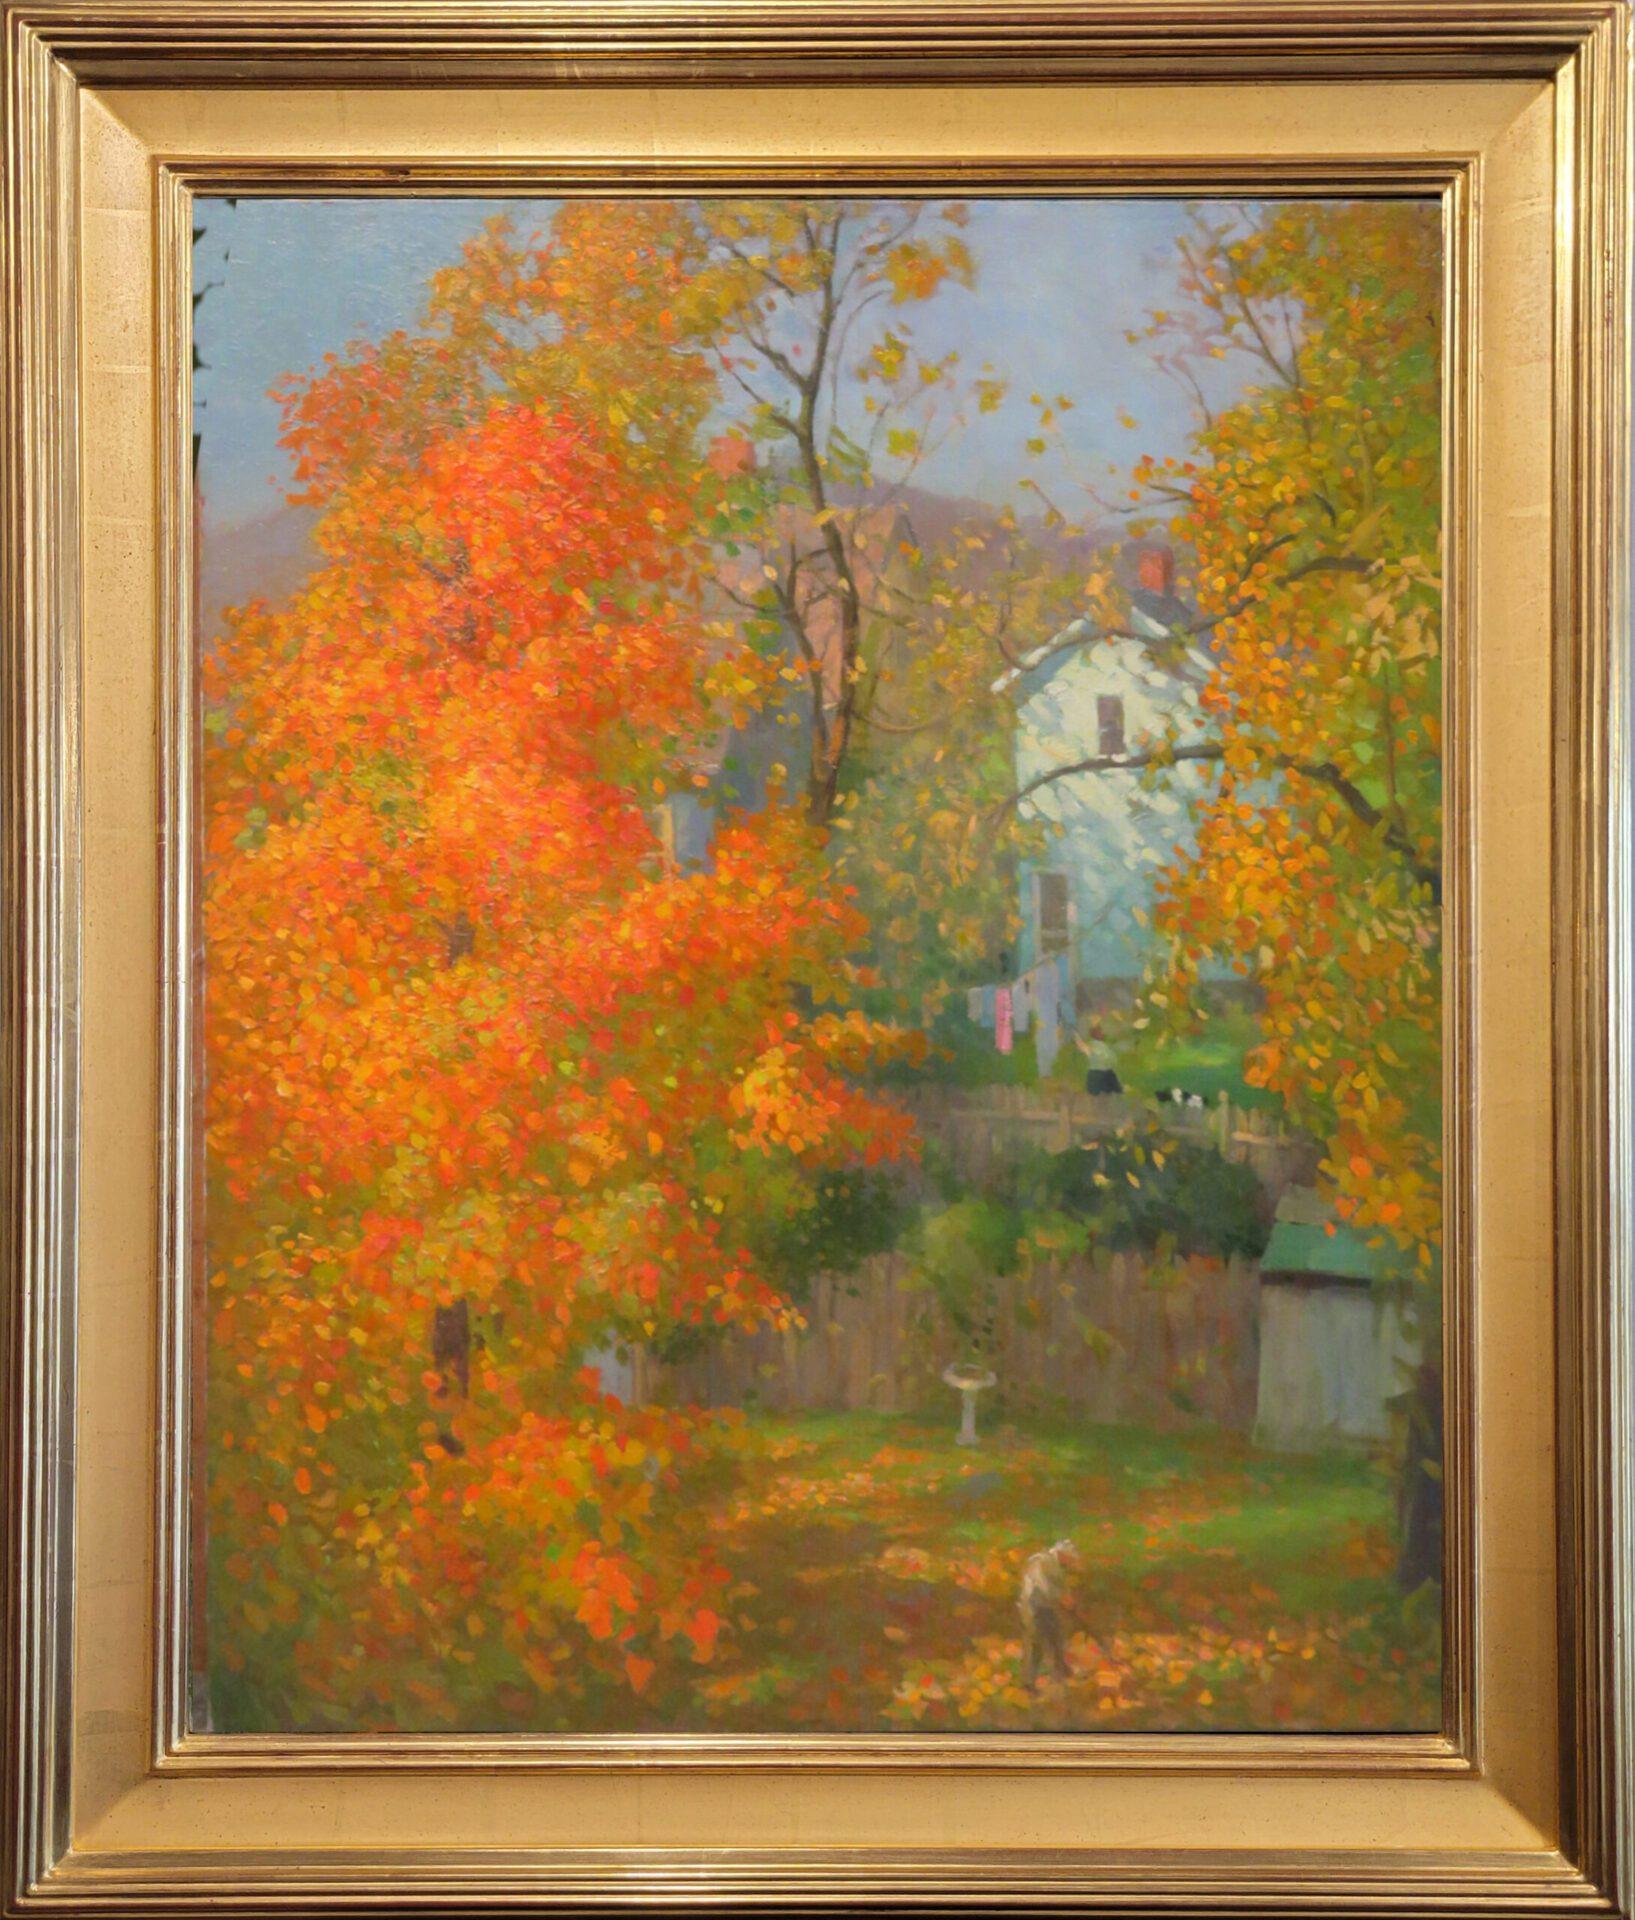 Hatfield_Autumn_Yards_30x24_Frame